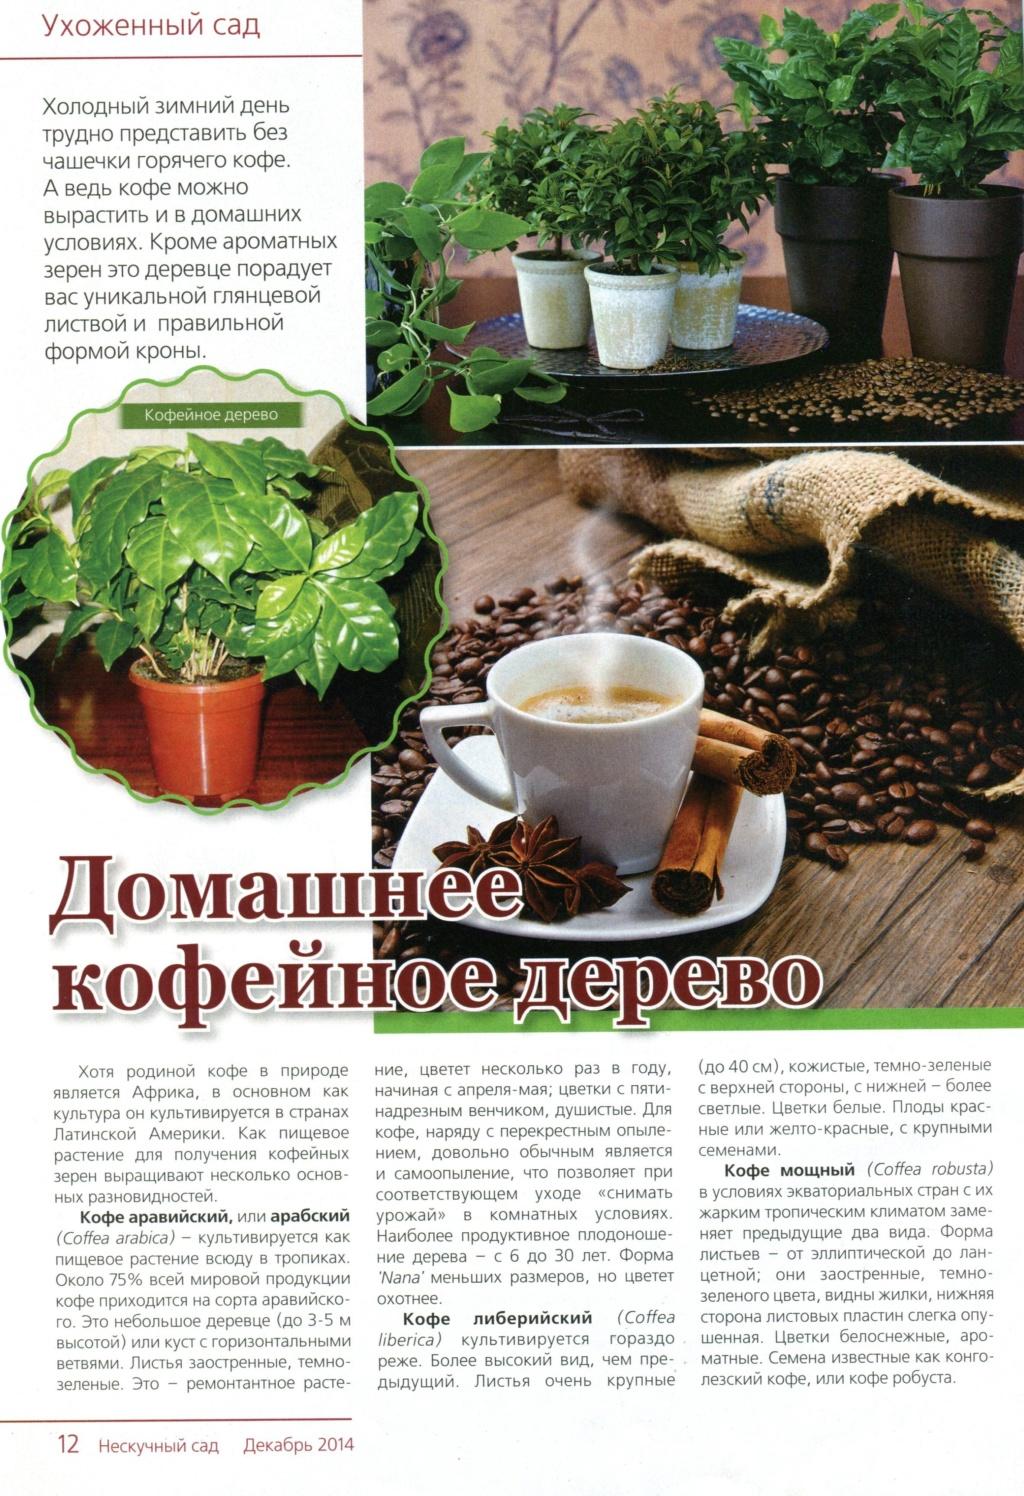 Кофейное дерево Img93910